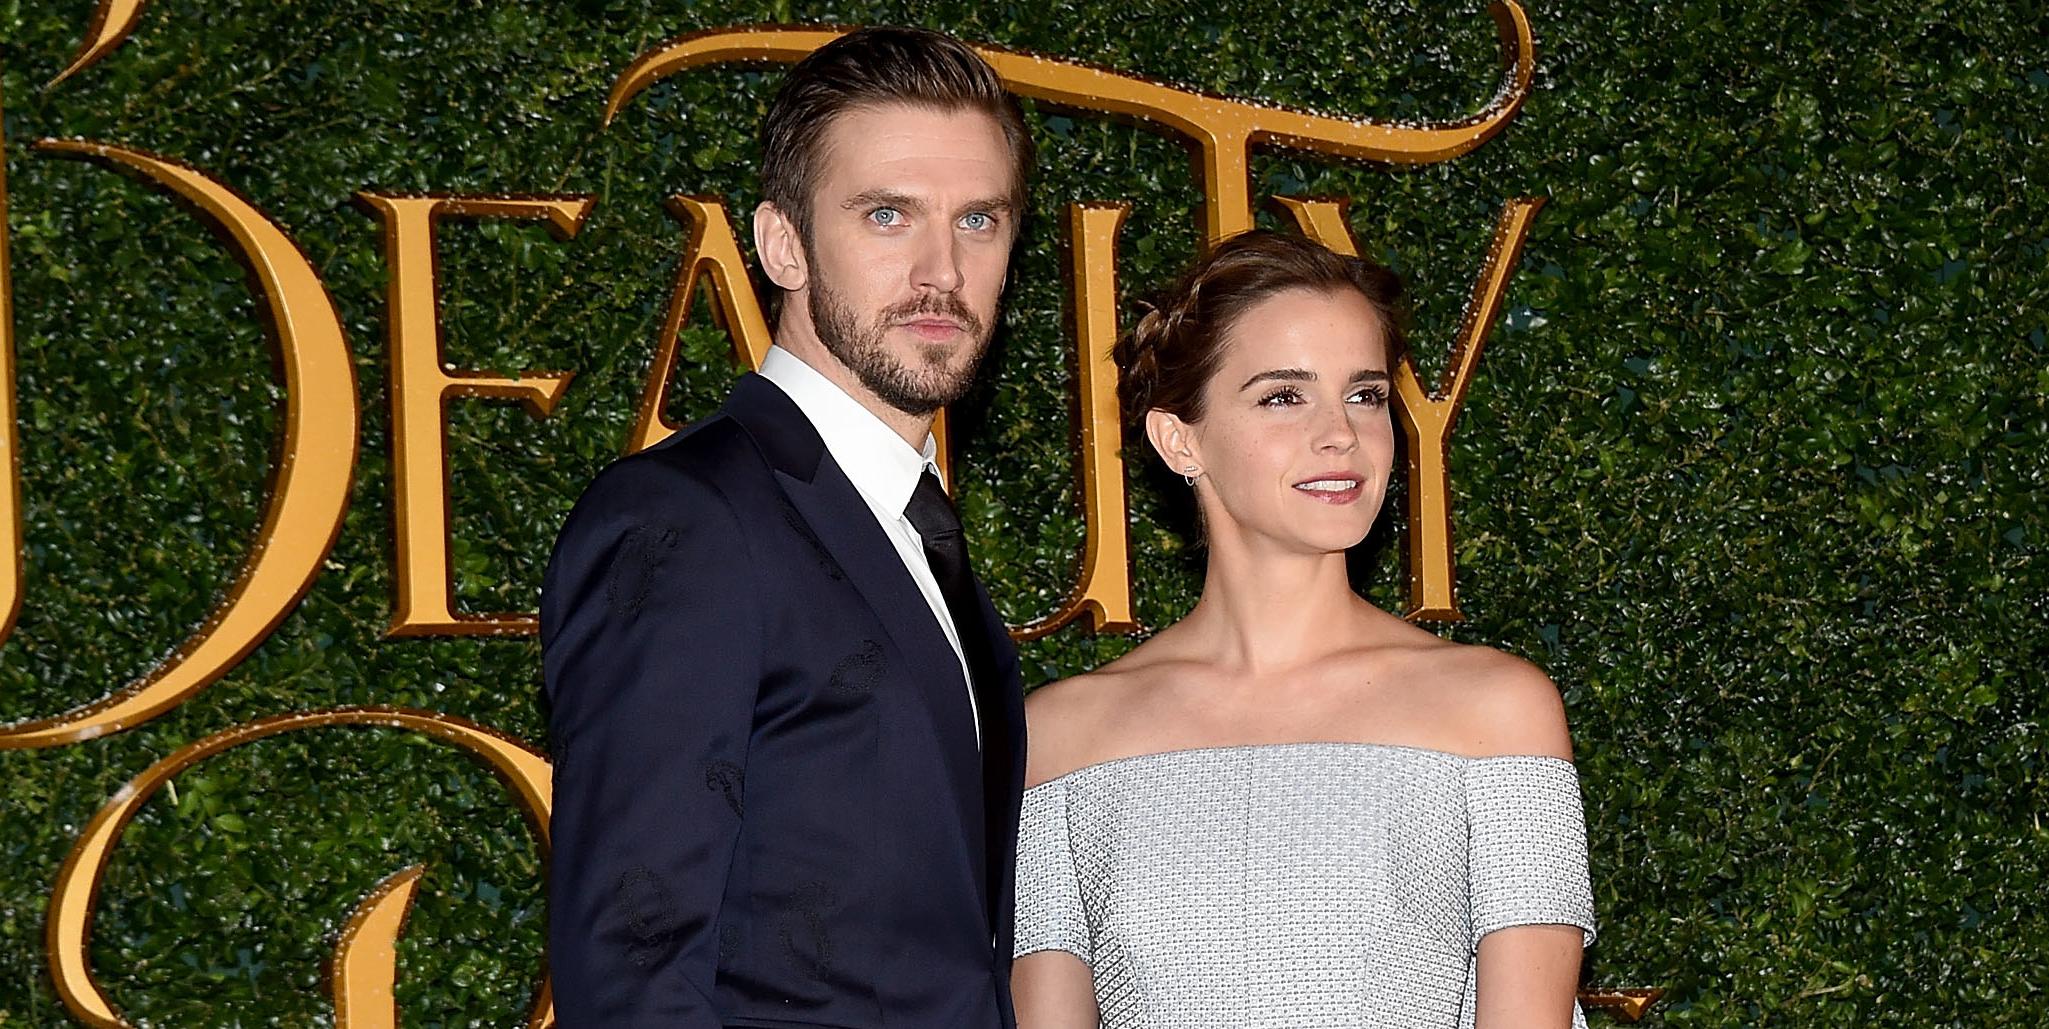 Emma Watson Dan Stevens Team Up For Beauty The Beast London Premiere